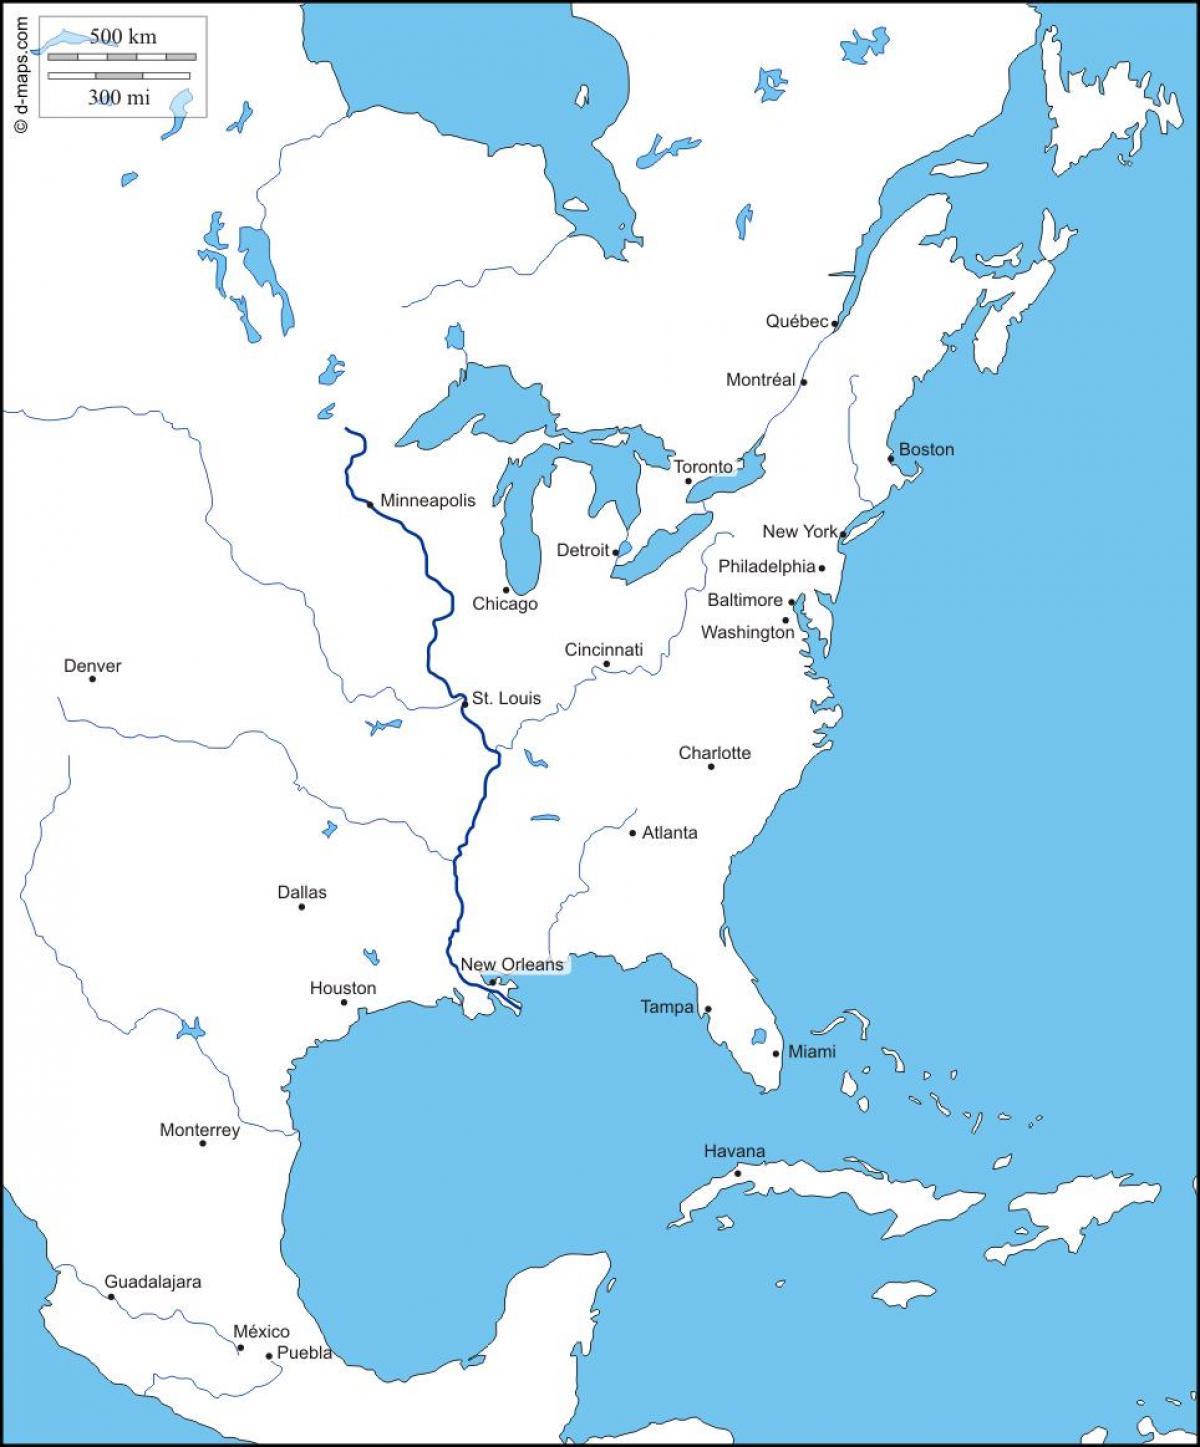 Carte Amerique Cote Est.La Cote Est De L Amerique Du Carte Americaine De La Cote